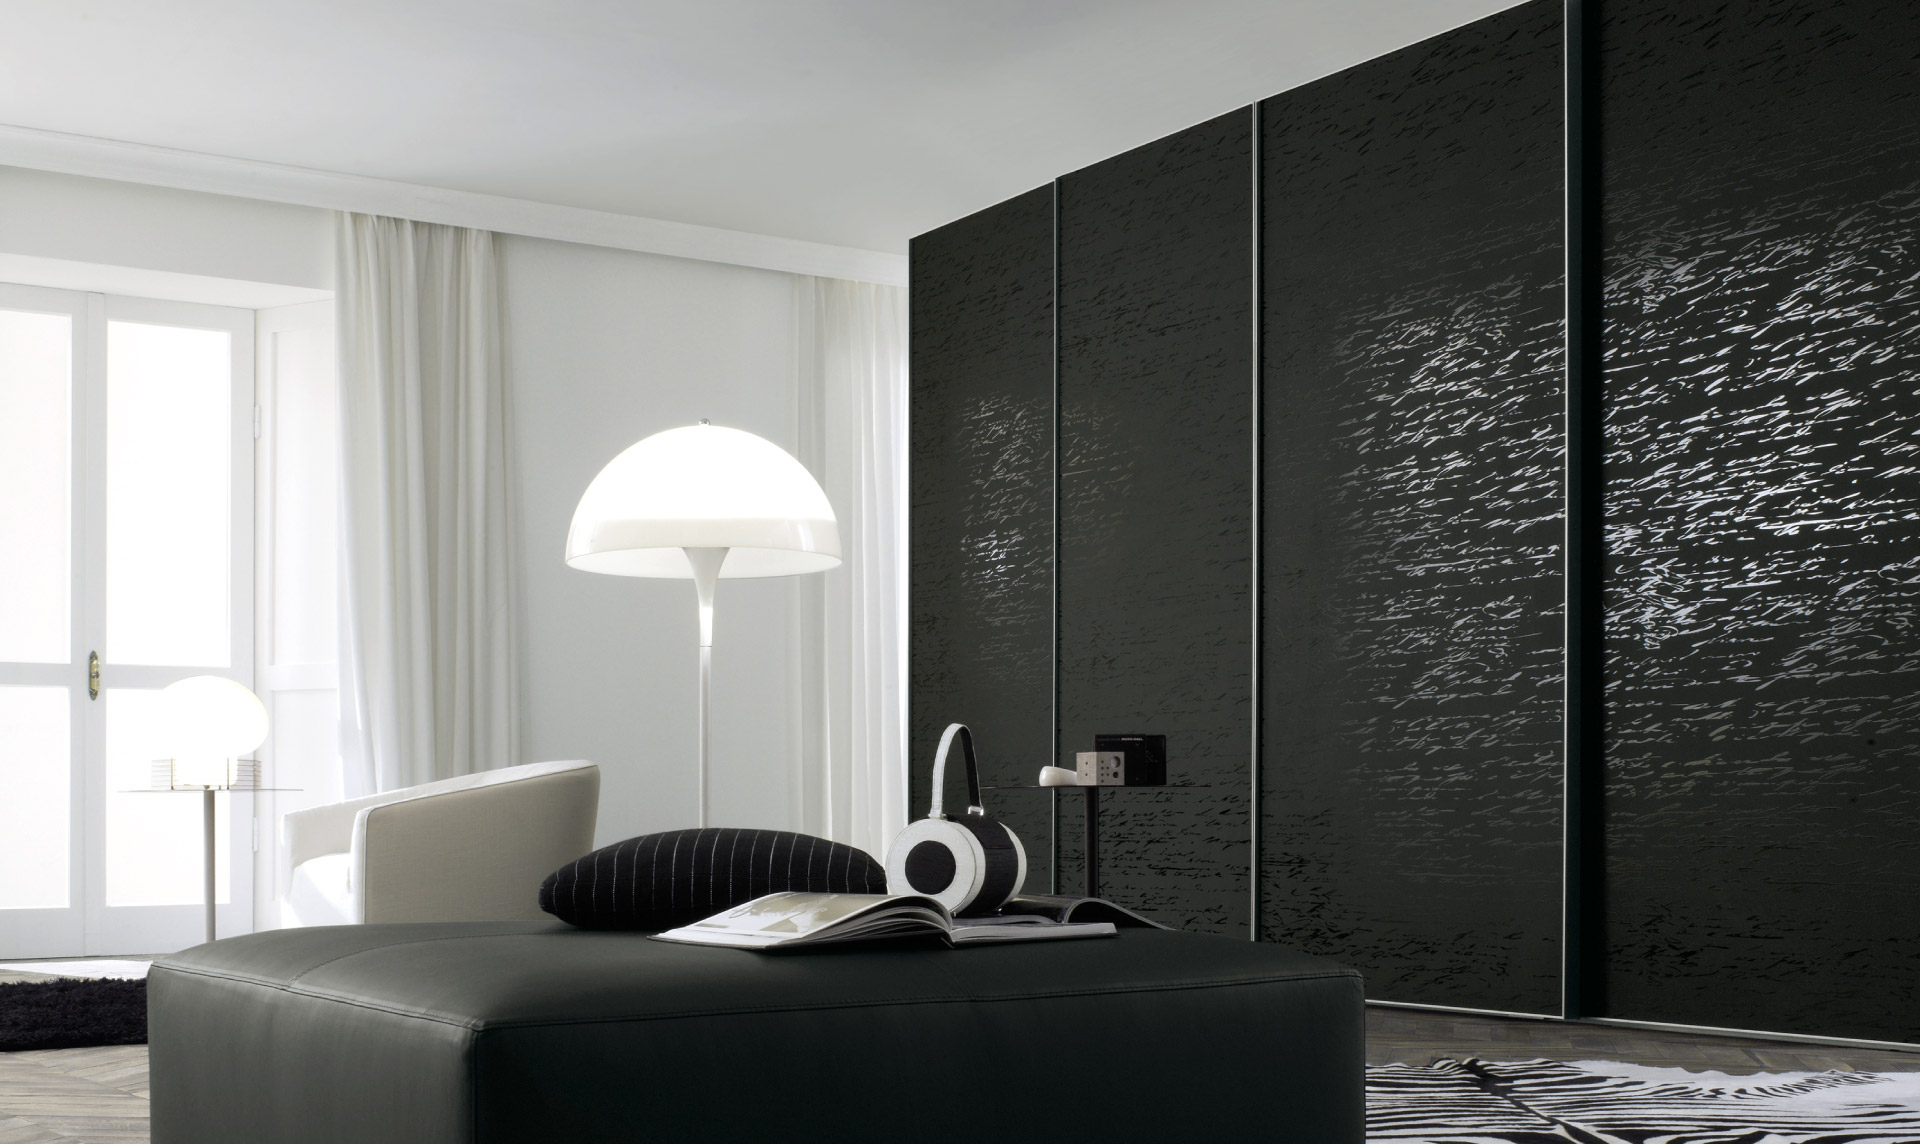 Armadio jesse scripta serigrafato per un design for Armadio camera da letto